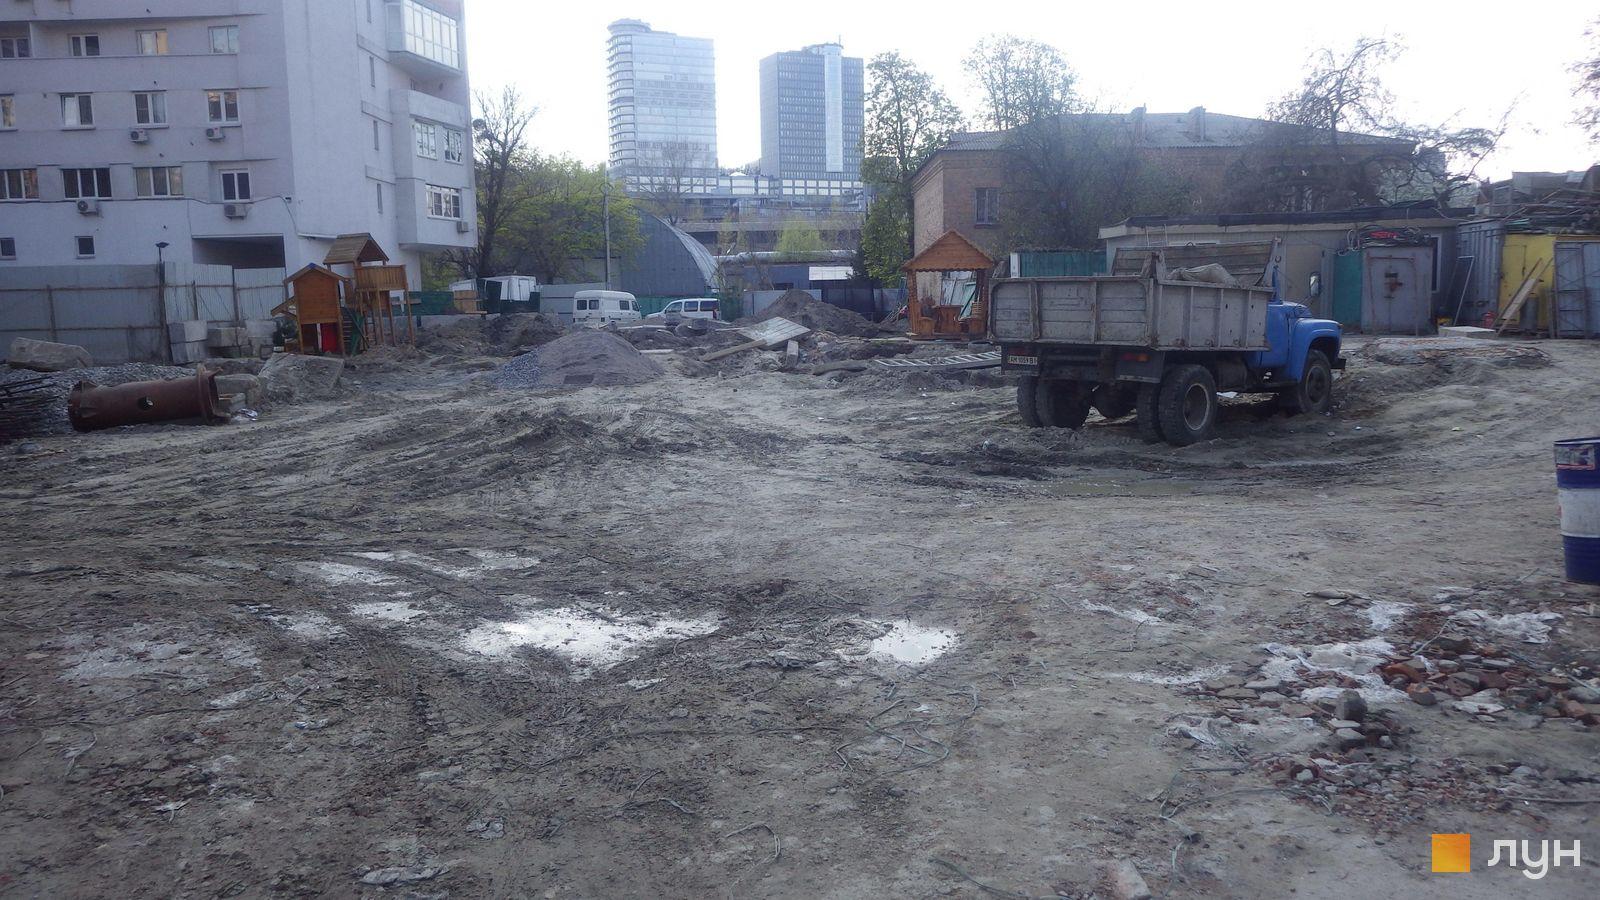 Ход строительства ул. Казимира Малевича, 44, 46, , апрель 2019